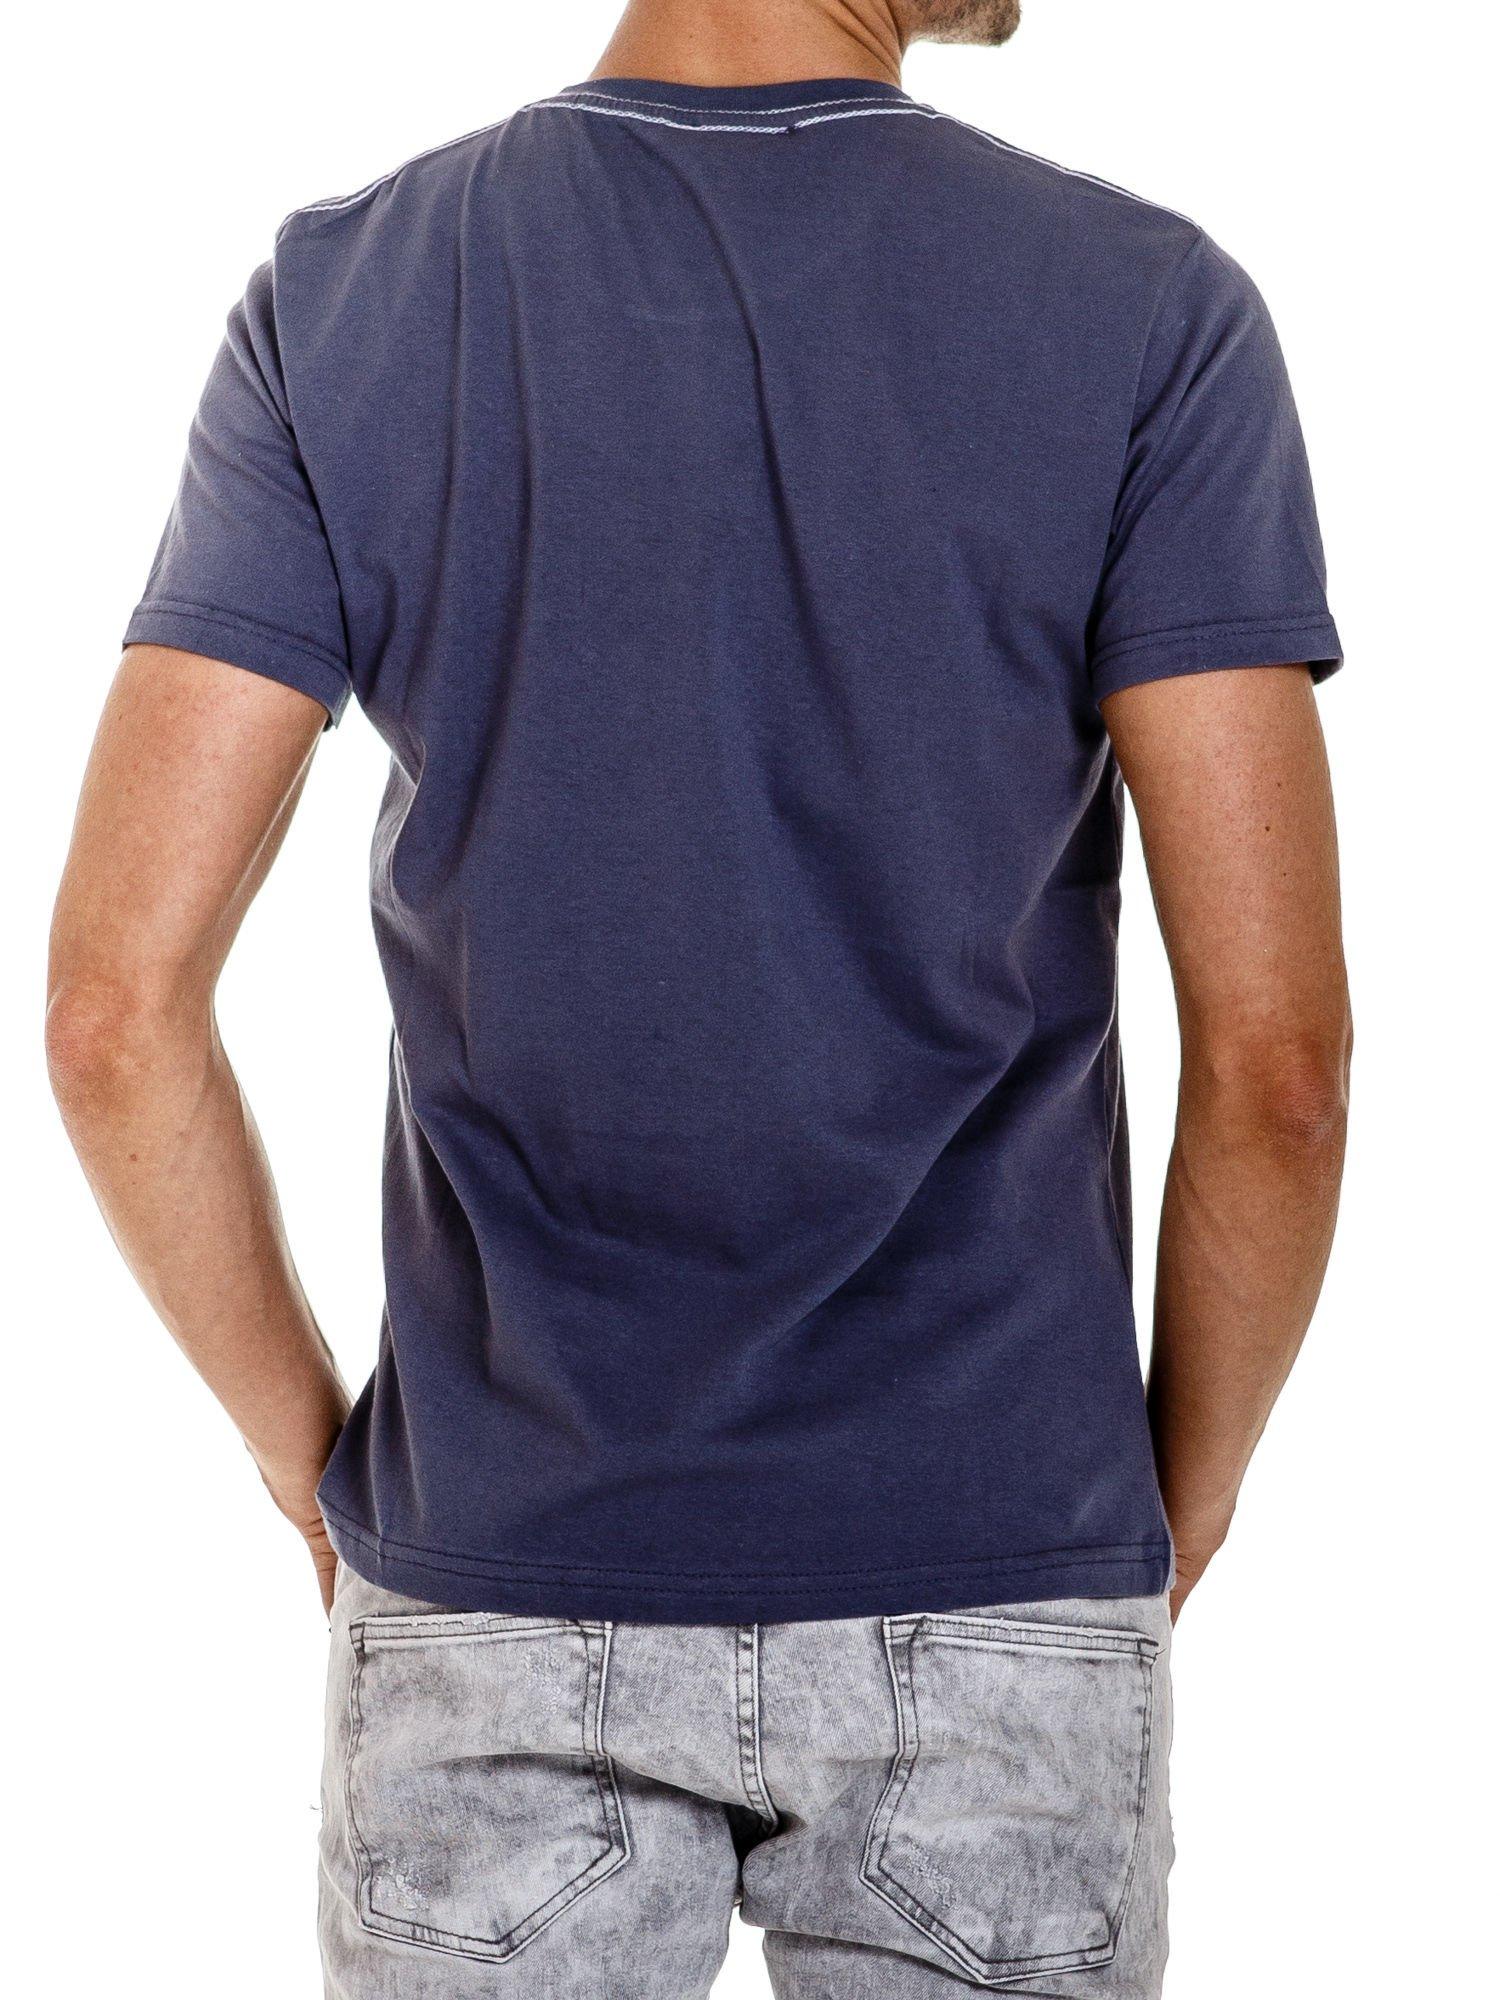 Ciemnoszary t-shirt męski ze sportowym nadrukiem i napisem SUPERIOR                                  zdj.                                  2